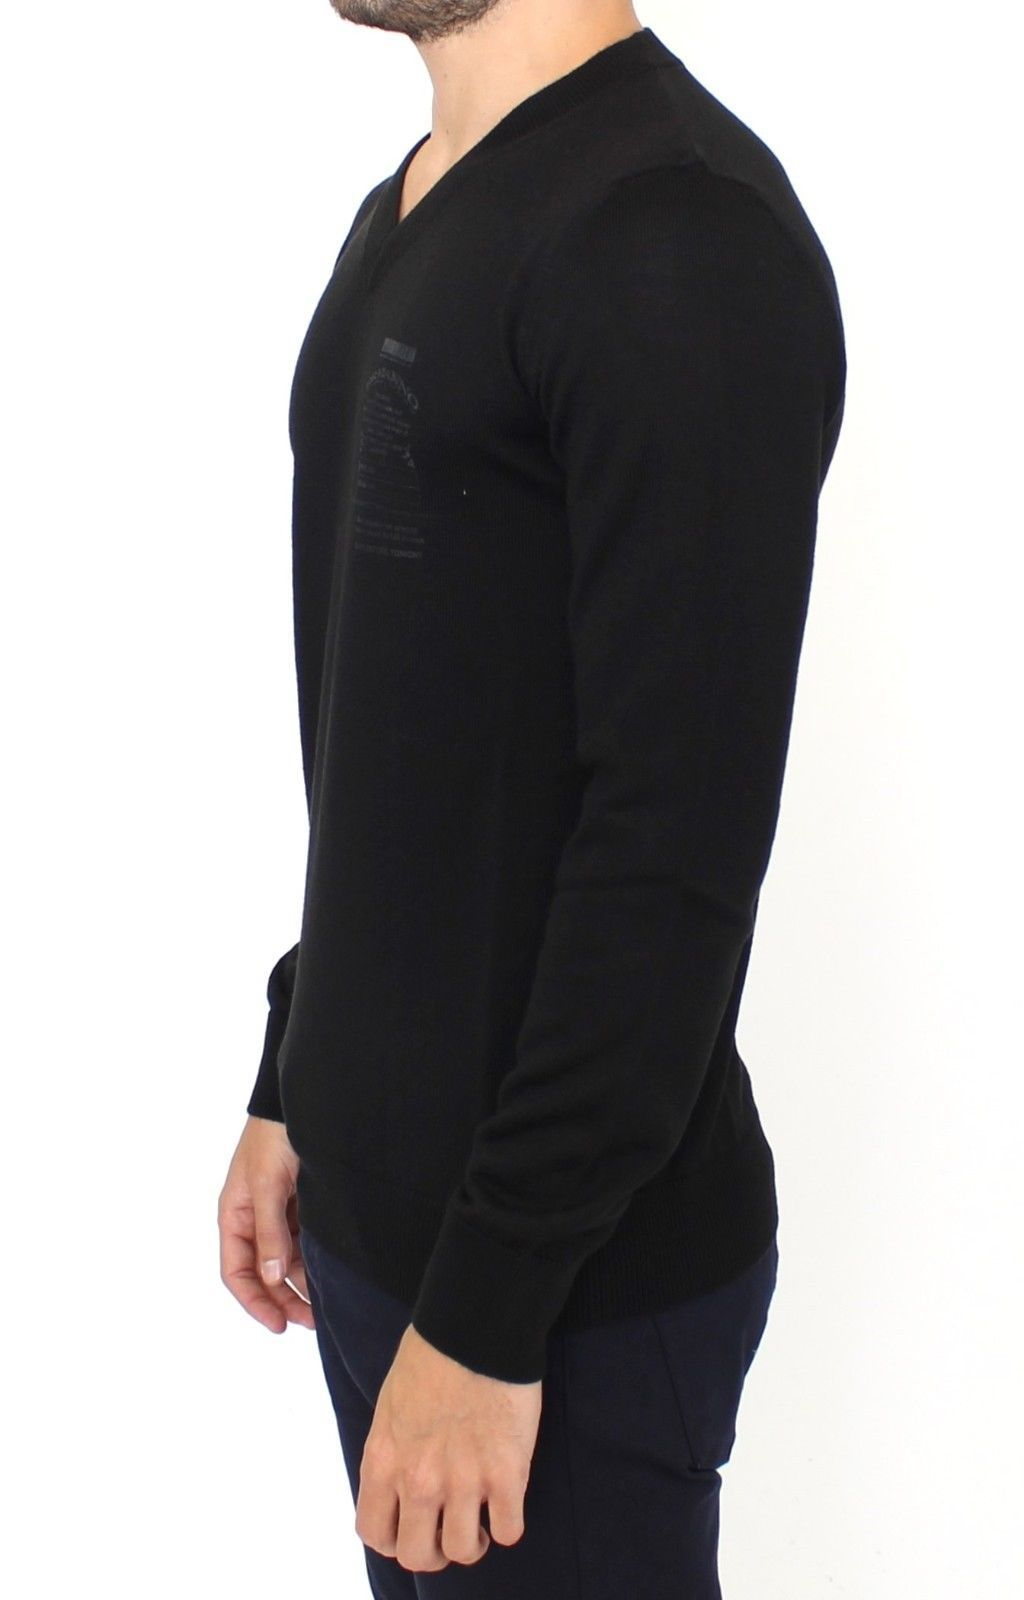 Ermanno Scervino Black Wool Blend V-neck Pullover Sweater